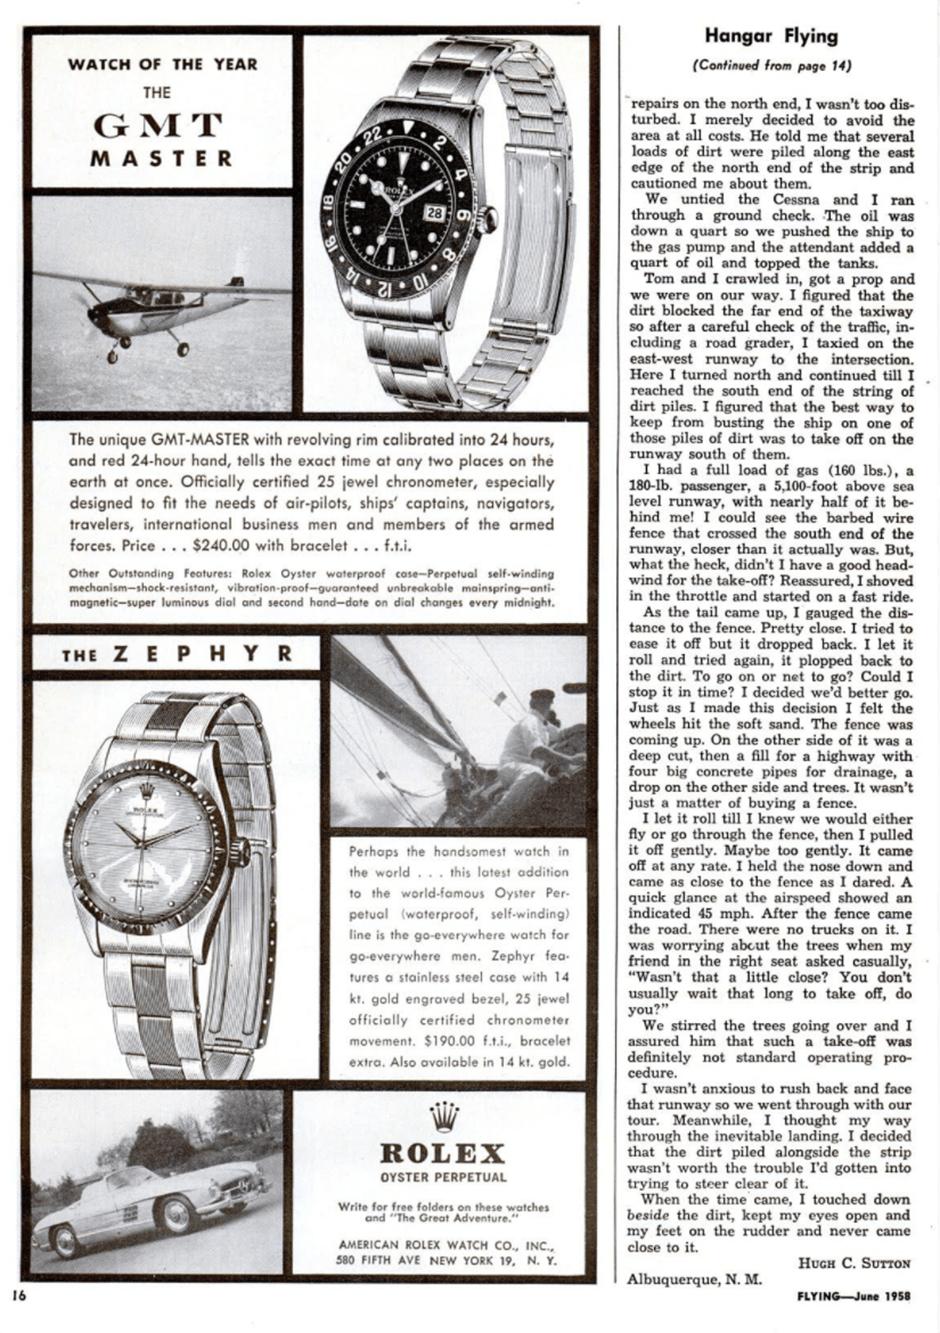 Publicité pour la Rolex Gmt-Master du magasine Flying de Juin 1958